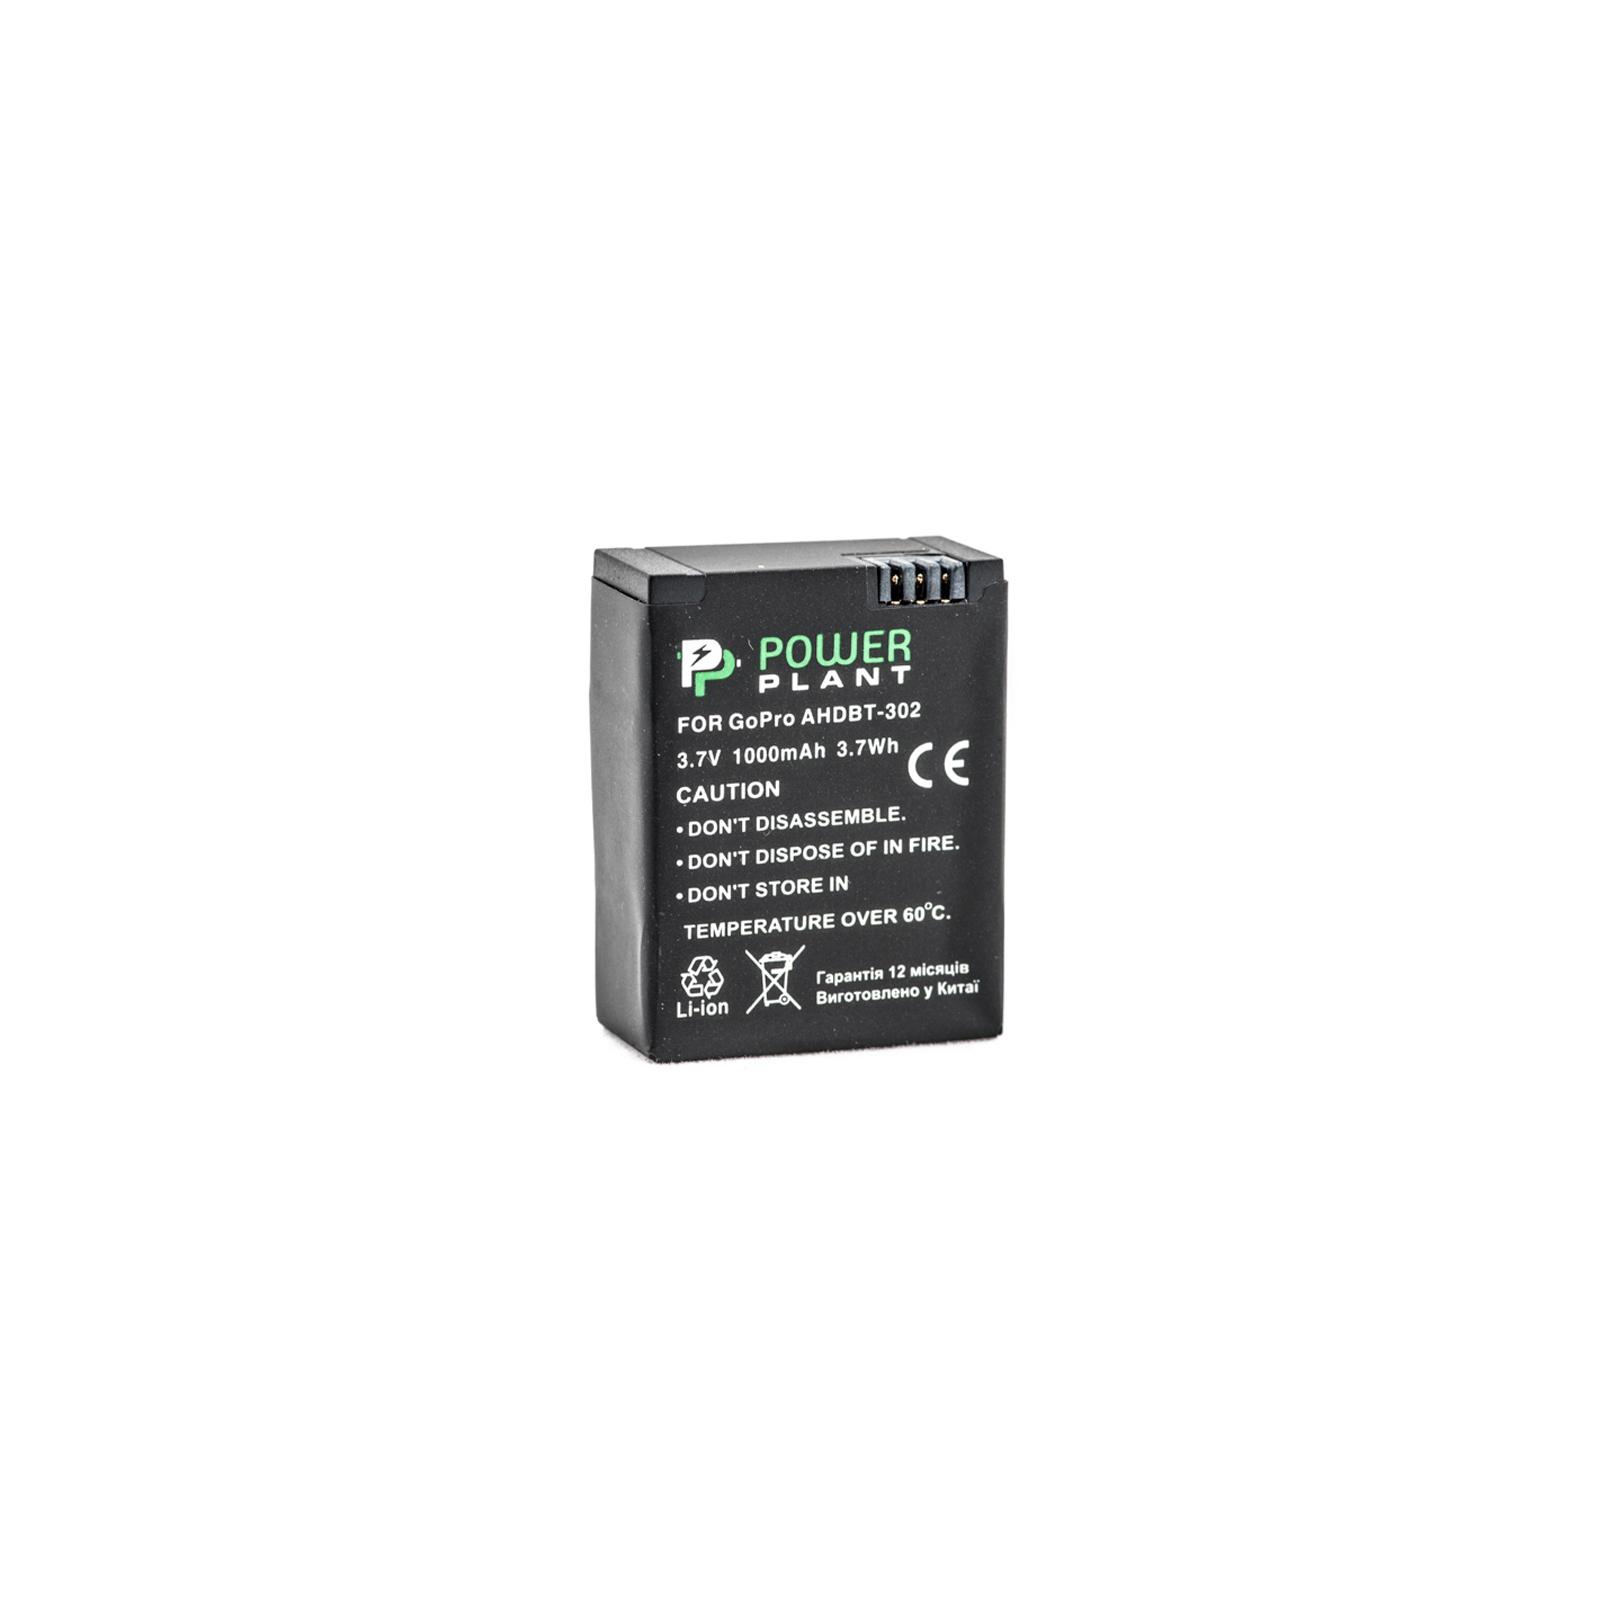 Аккумулятор к фото/видео PowerPlant GoPro AHDBT-302 (DV00DV1398)